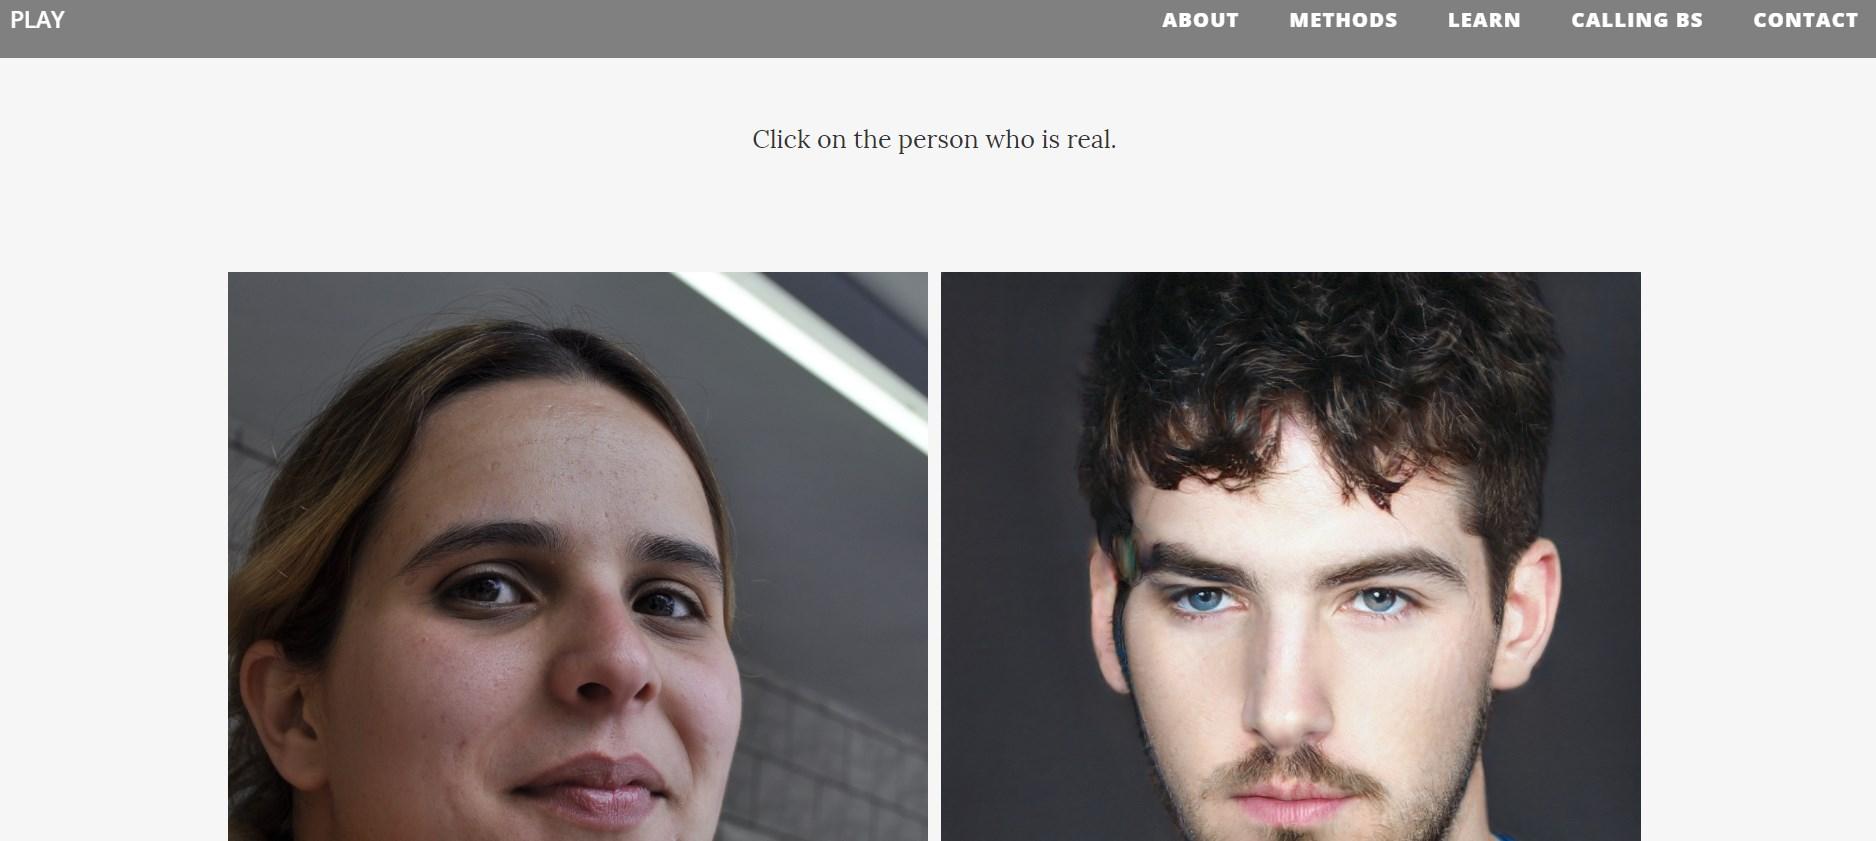 Êtes-vous capable de différencier les visages générés par une intelligence artificielle des visages réels ?